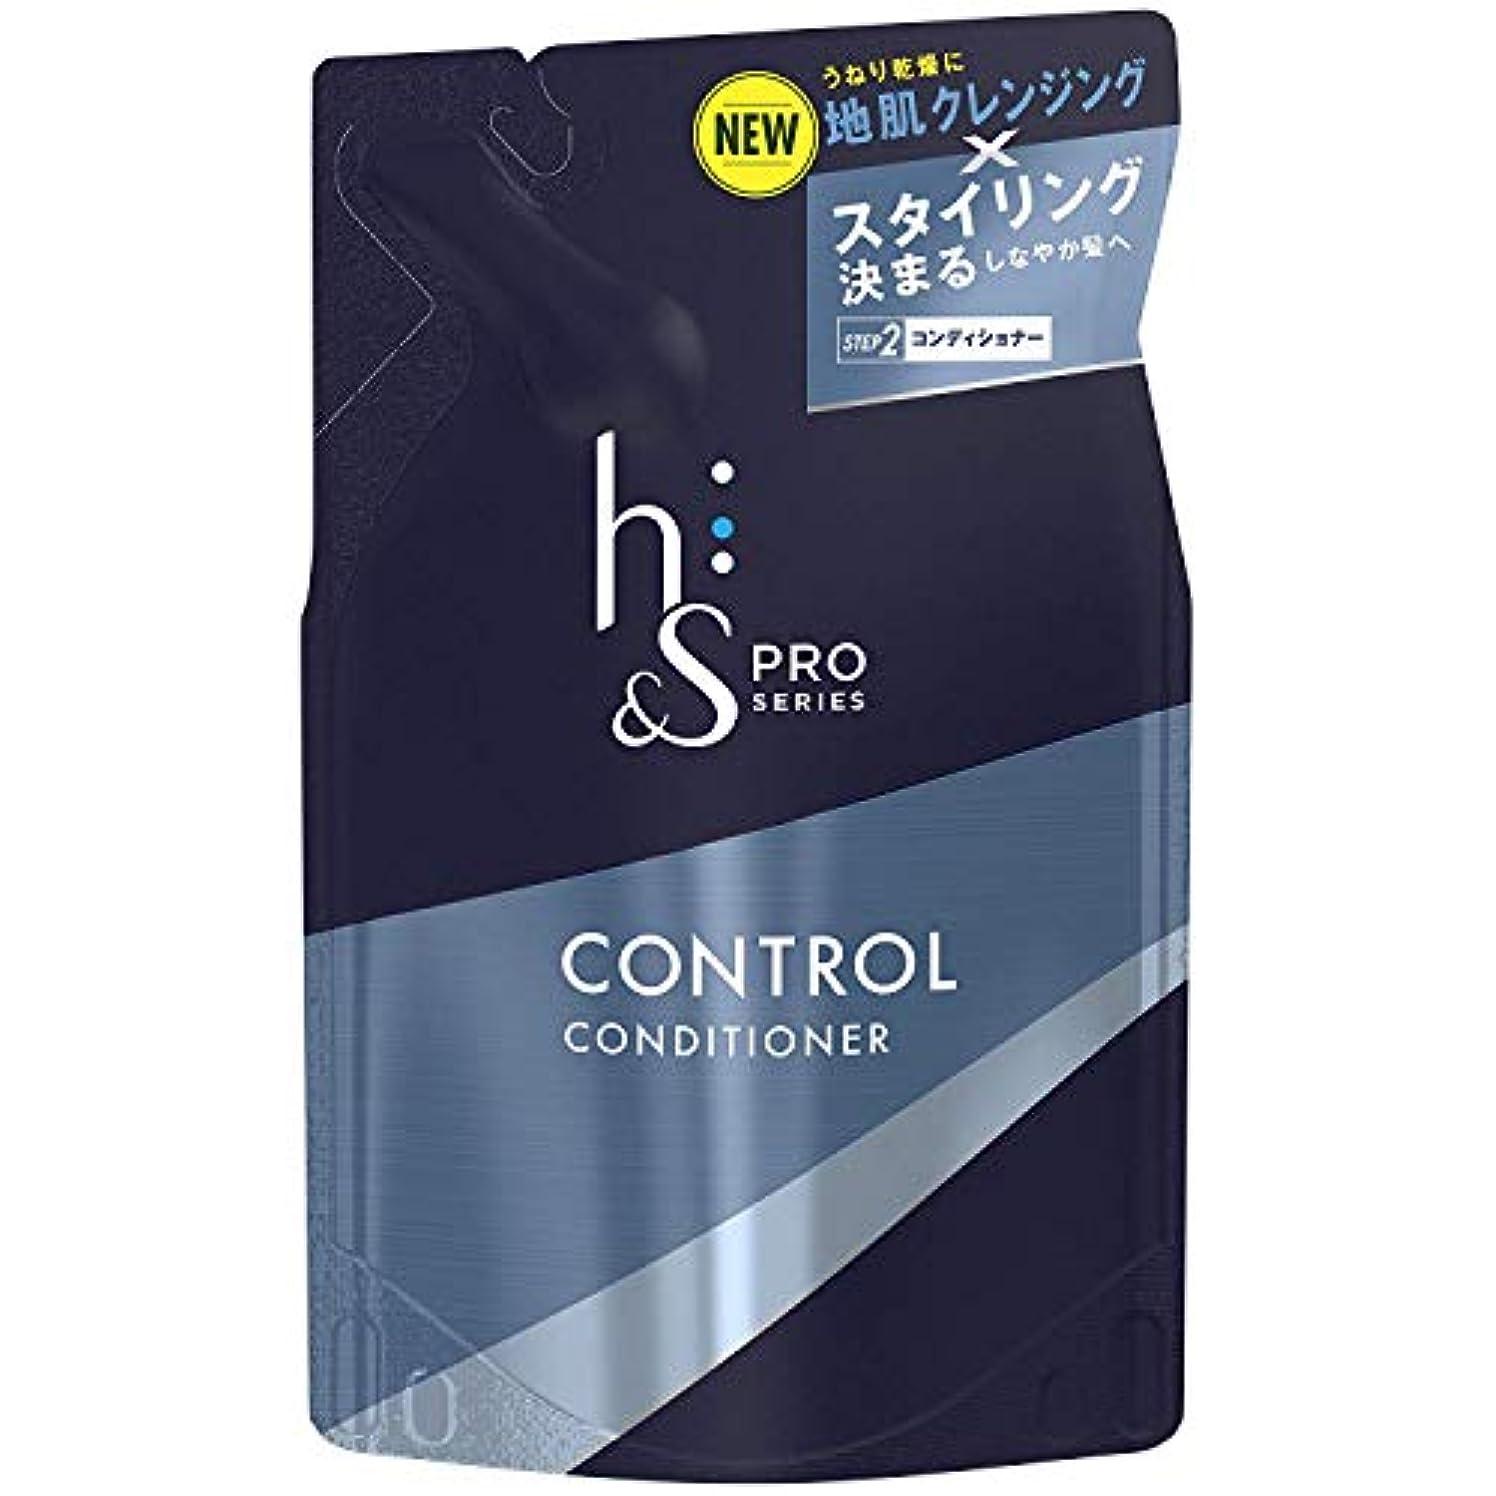 リーフレットヘロインすなわち【3個セット】h&s PRO (エイチアンドエス プロ) メンズ コンディショナー コントロール 詰め替え (スタイリング重視) 300g